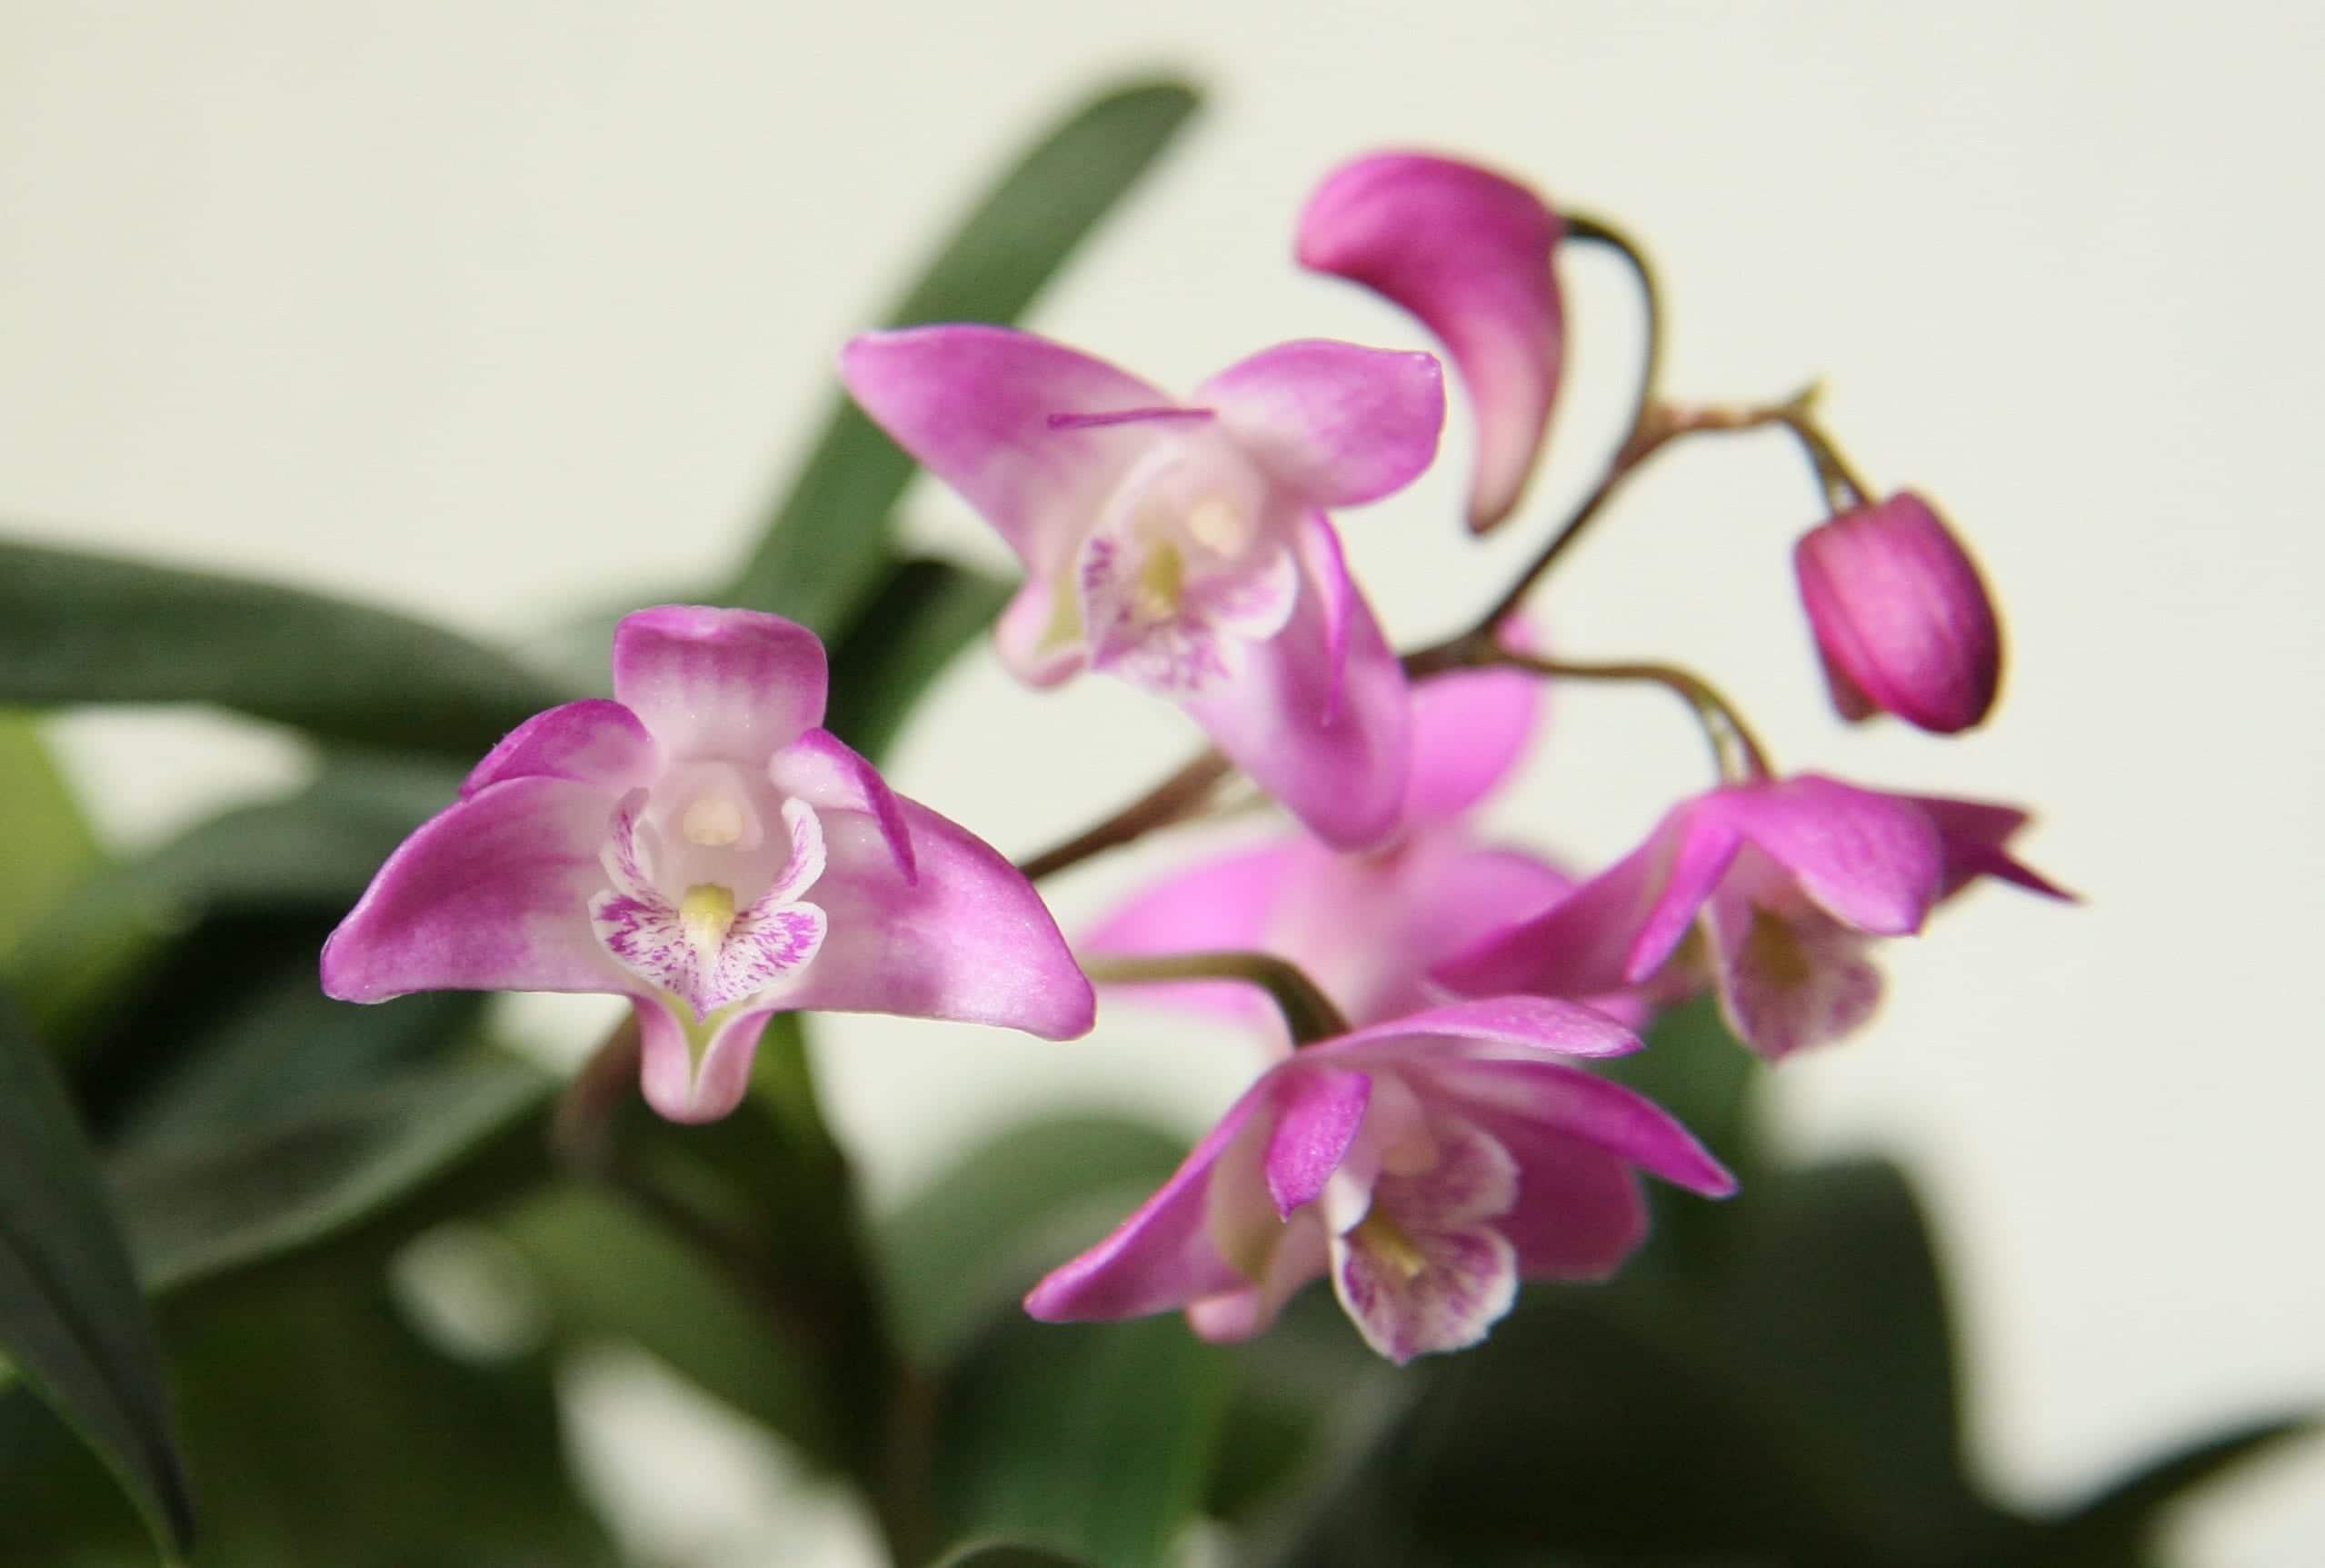 Dendrobium kinglanum